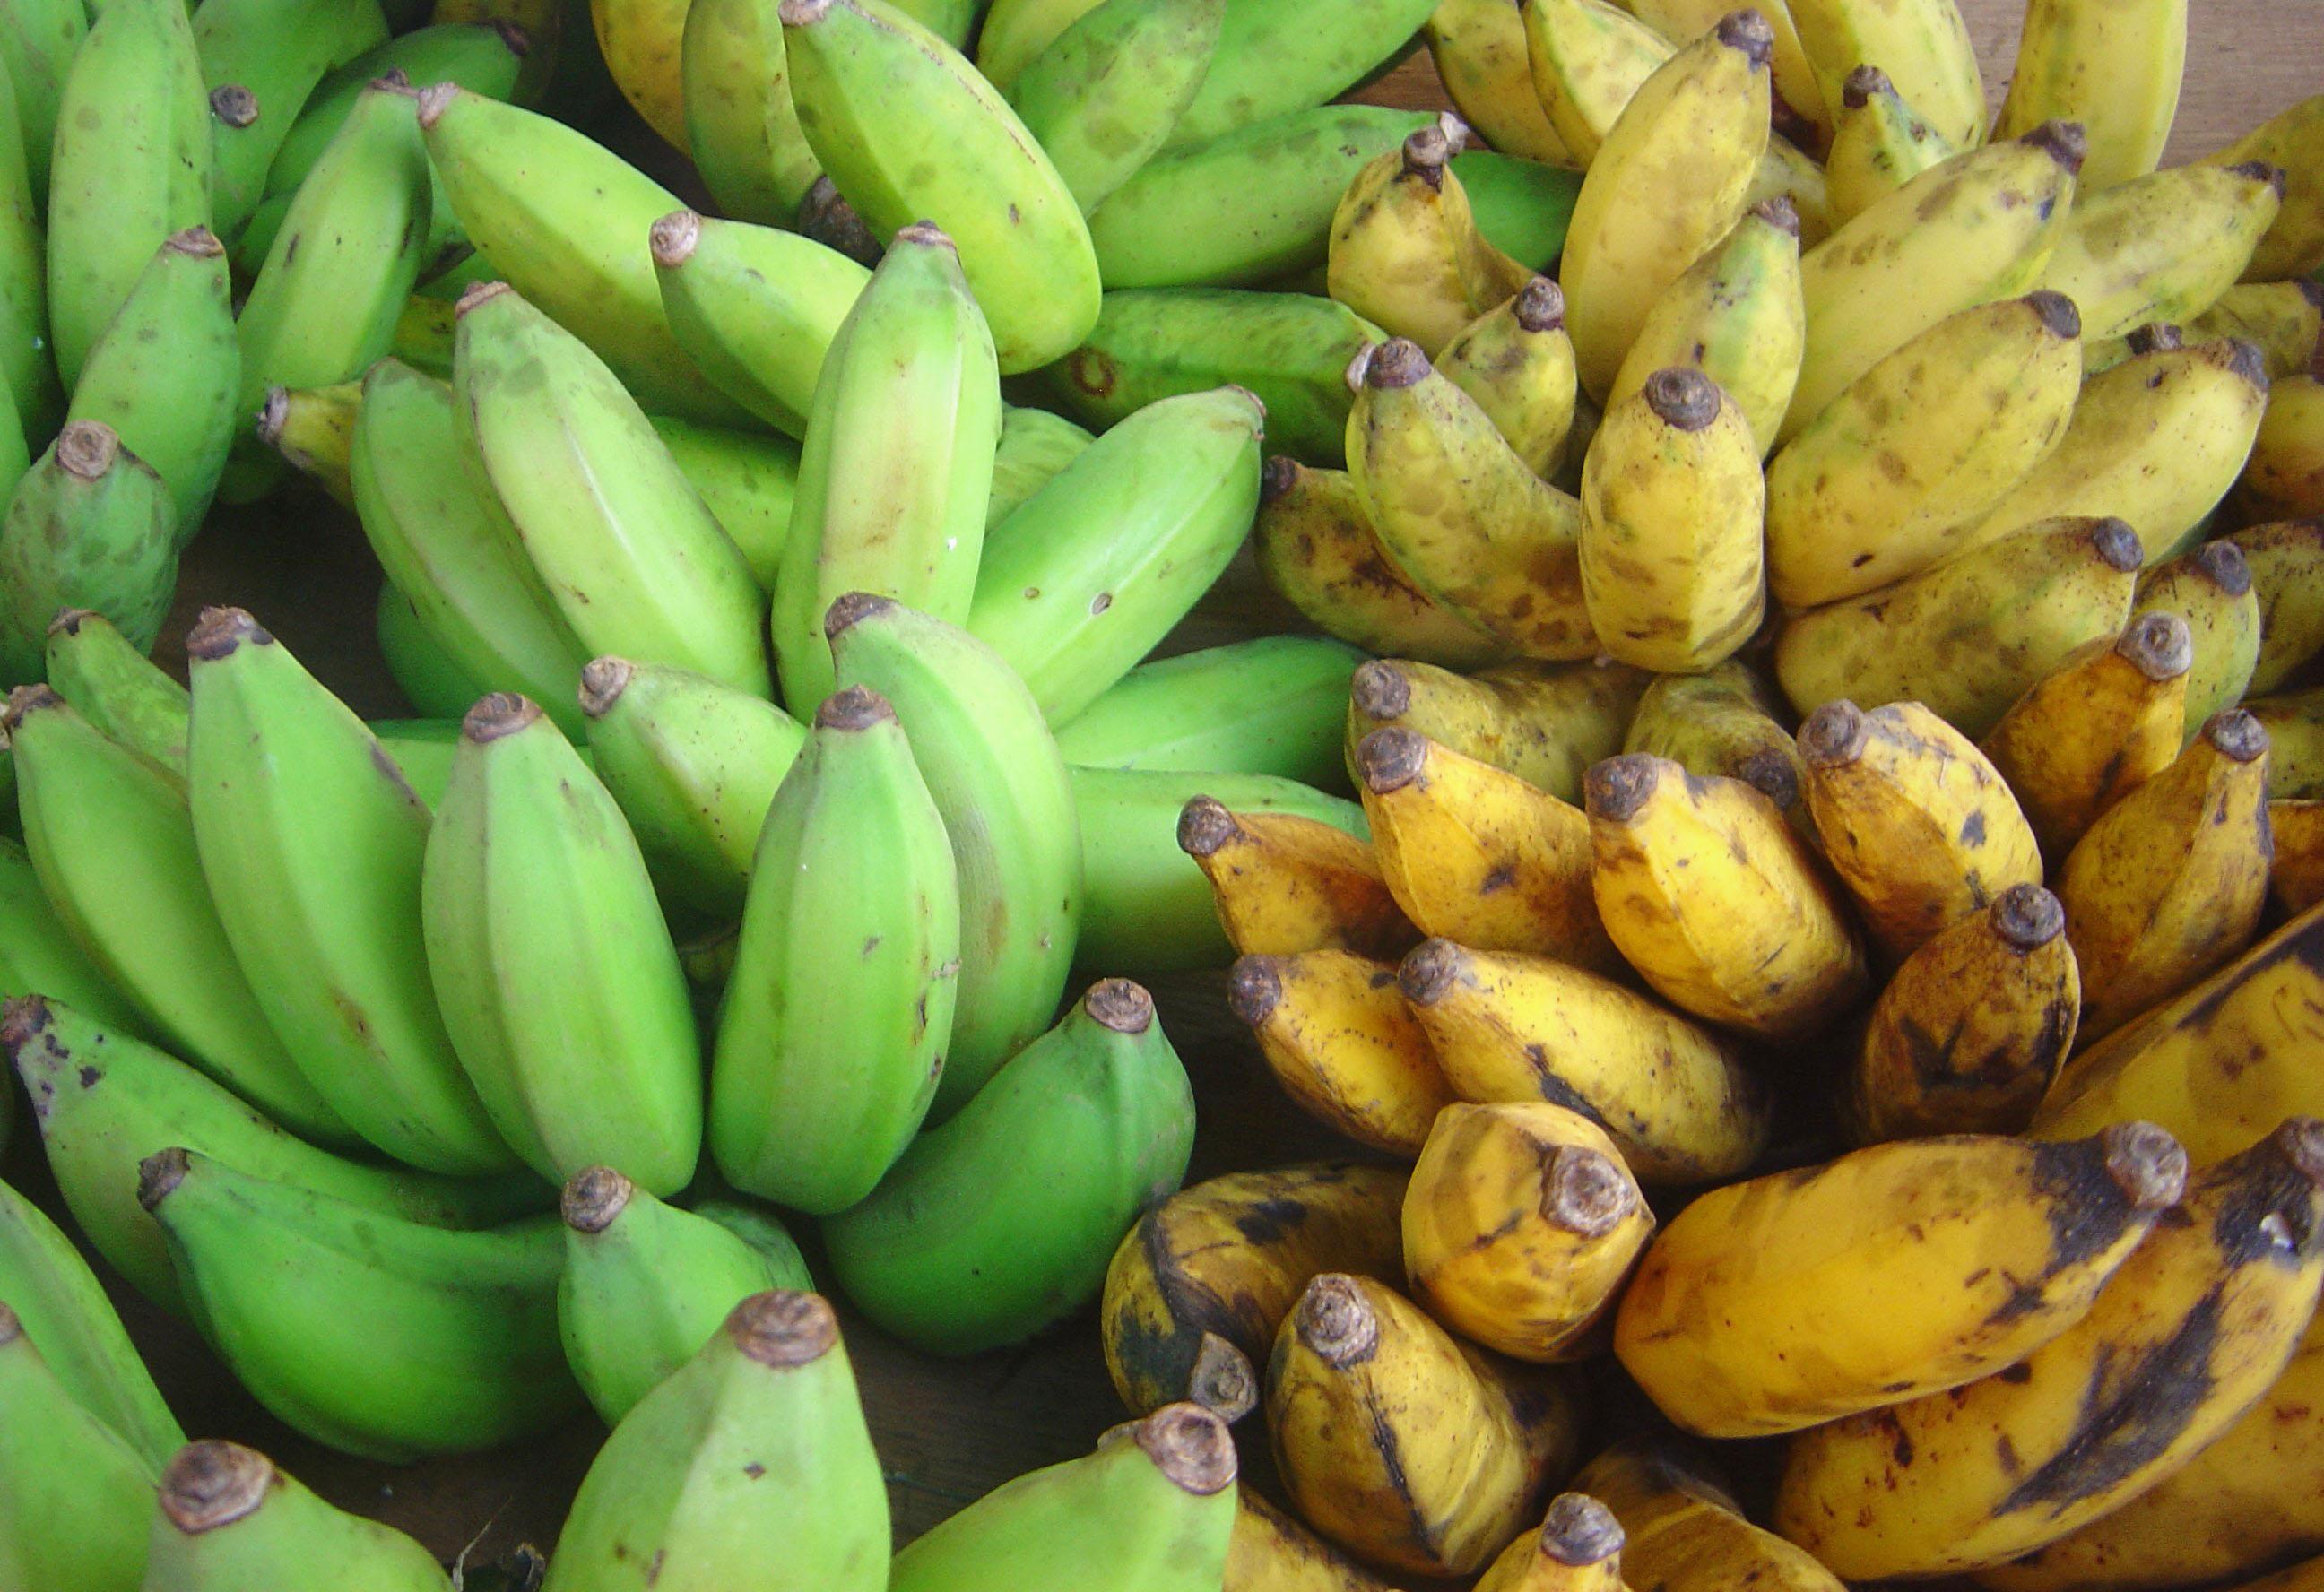 Banana vs Plantains